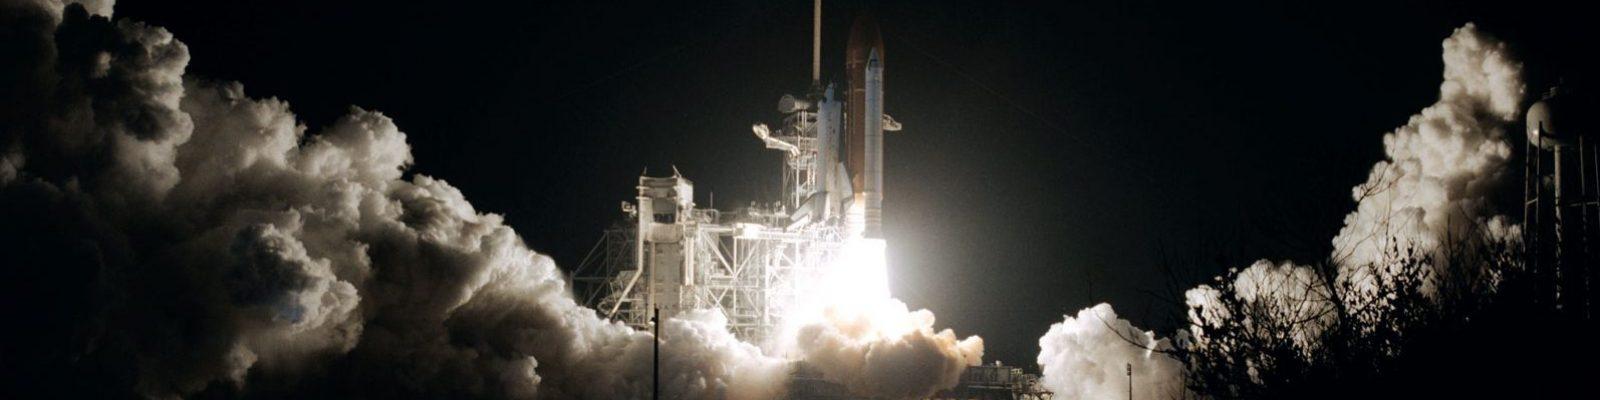 Despegue de la lanzadera espacial